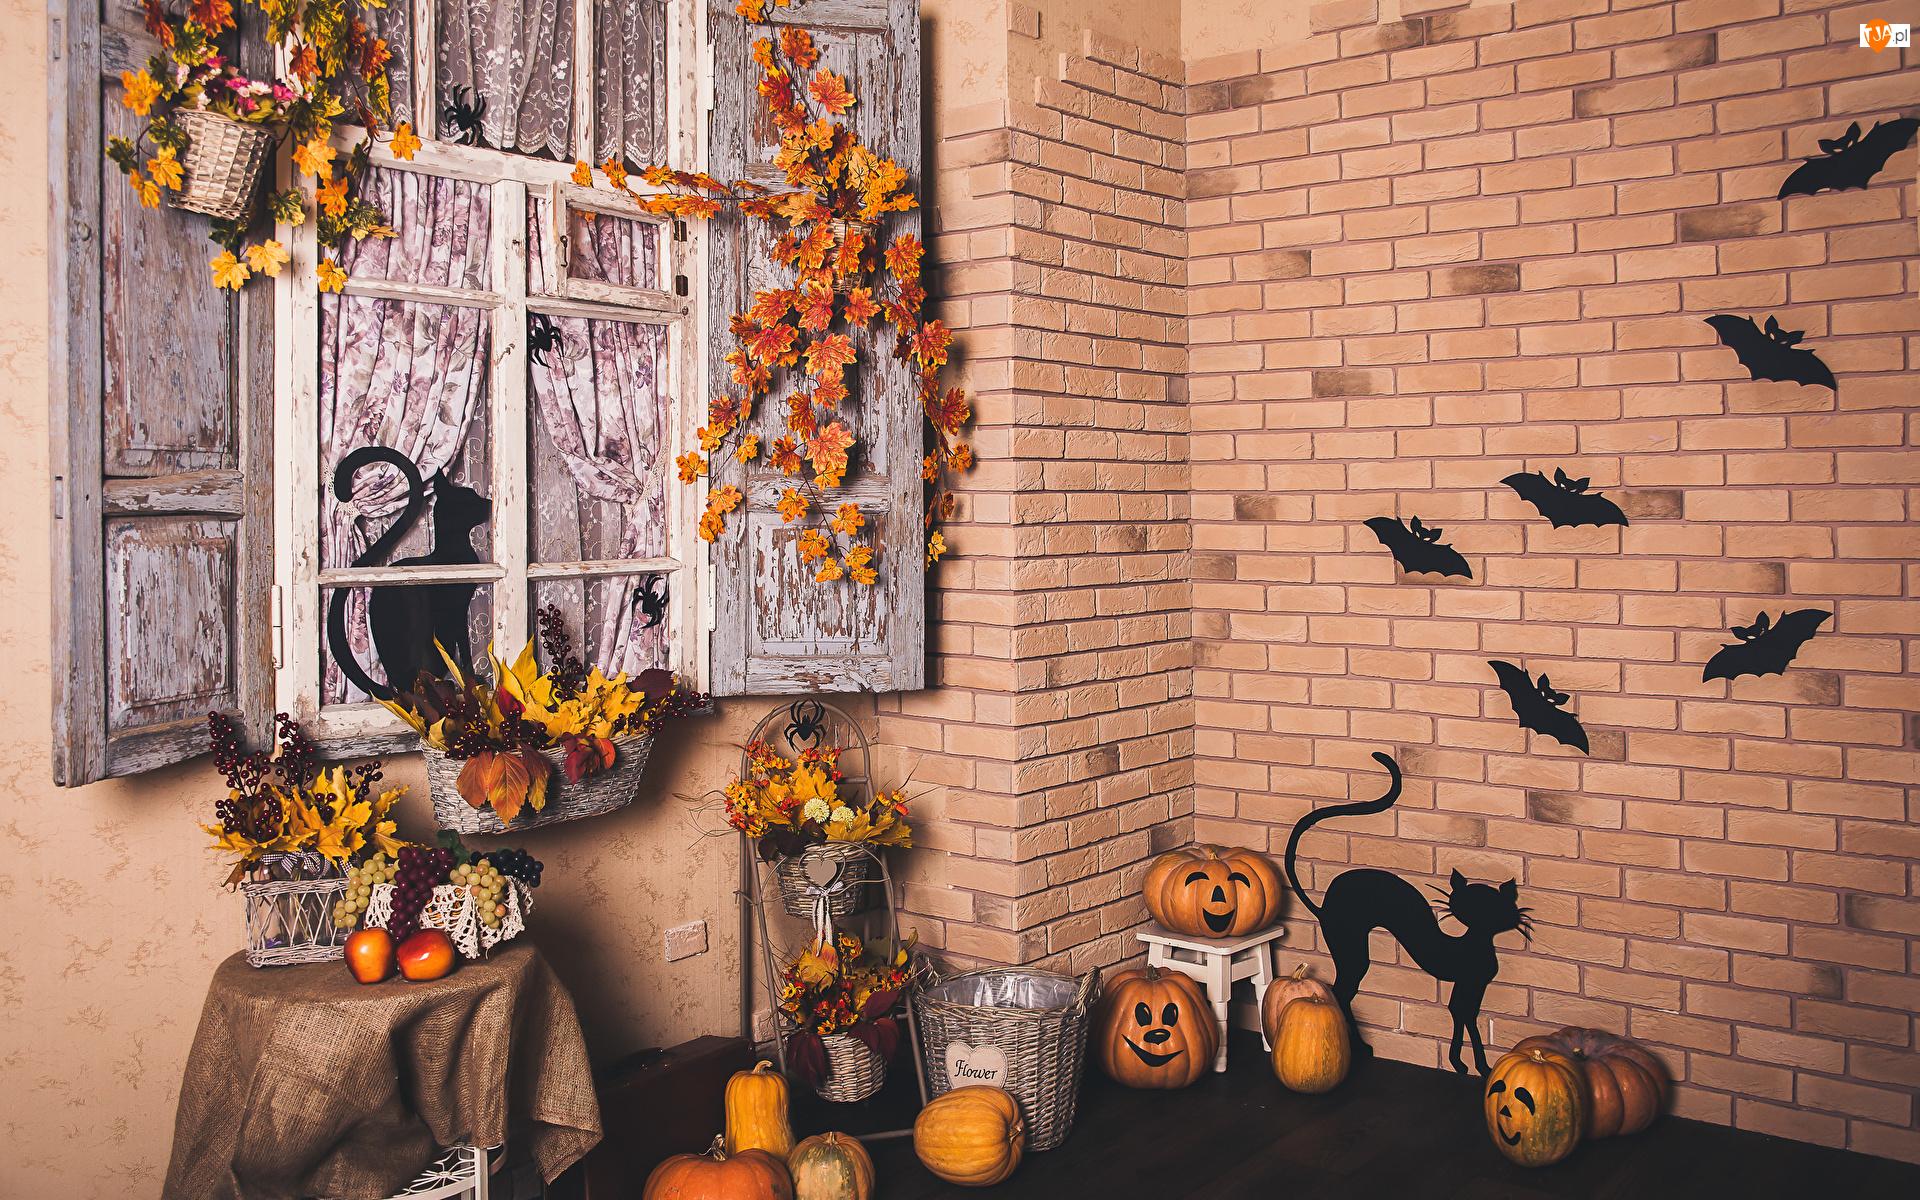 Nietoperze, Dom, Liście, Kwiaty, Koty czarne, Dynie, Koszyki, Halloween, Ozdoby